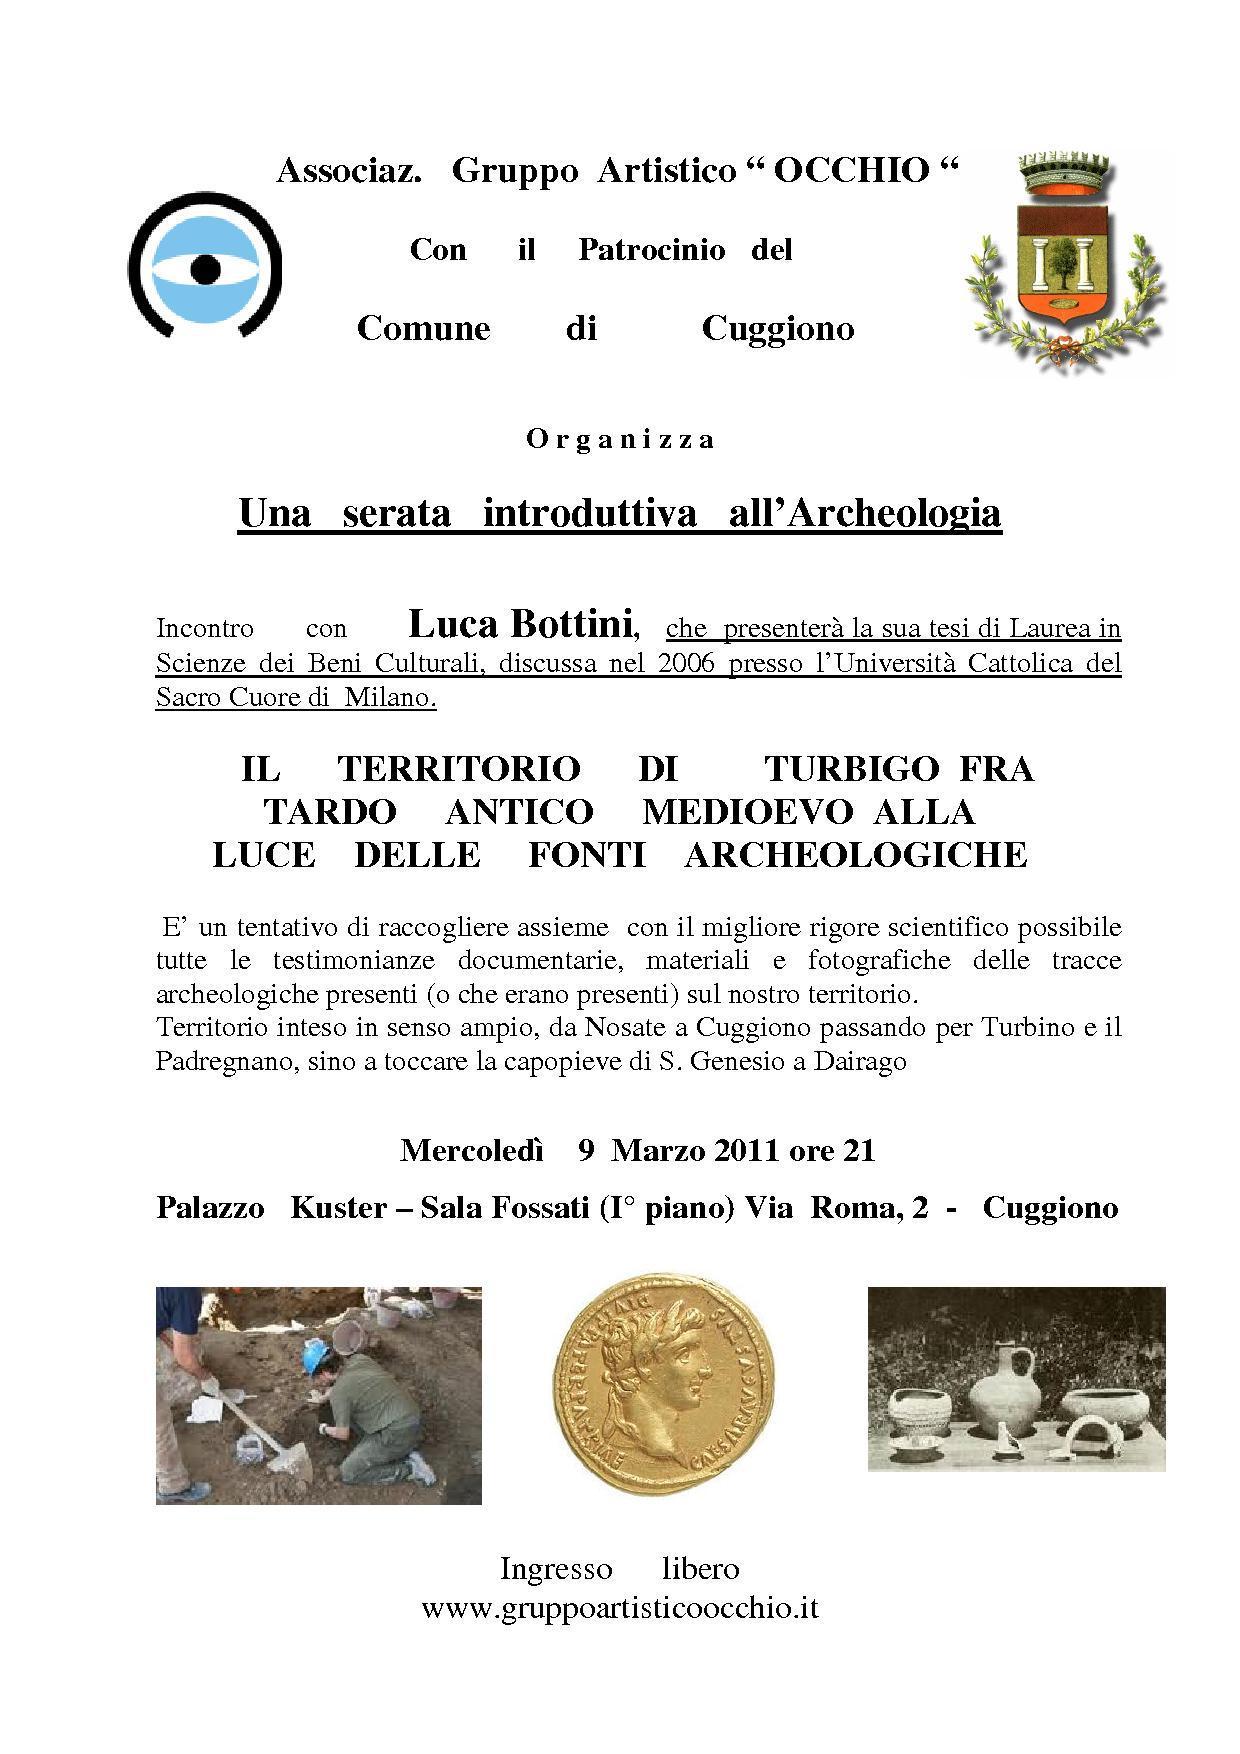 Una serata introduttiva all' Archeologia - 9 Marzo 2011